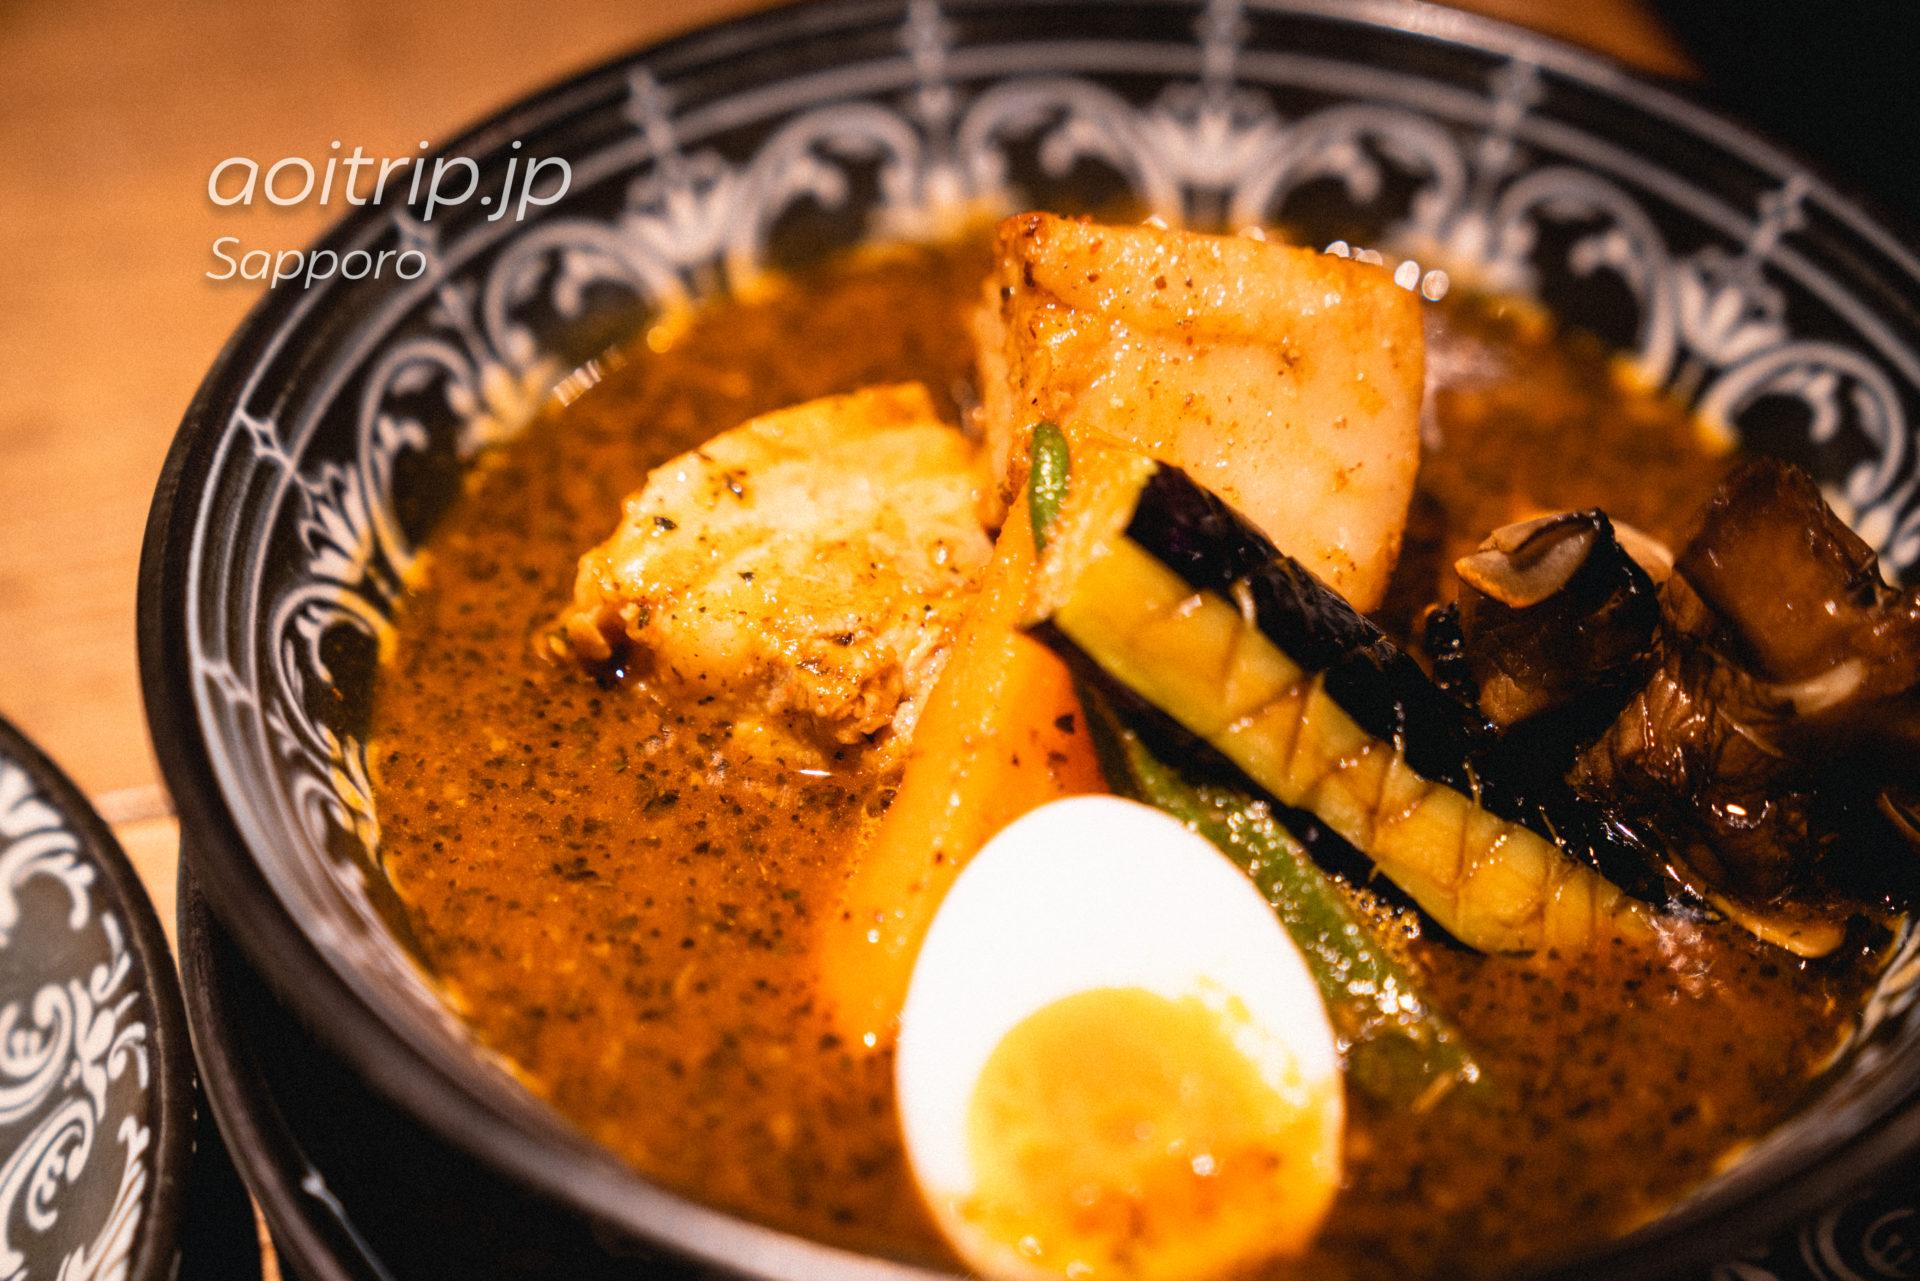 北海道札幌のスープカレー専門店「らっきょ (Rakkyo)」十勝産どろ豚角煮のスープカレー